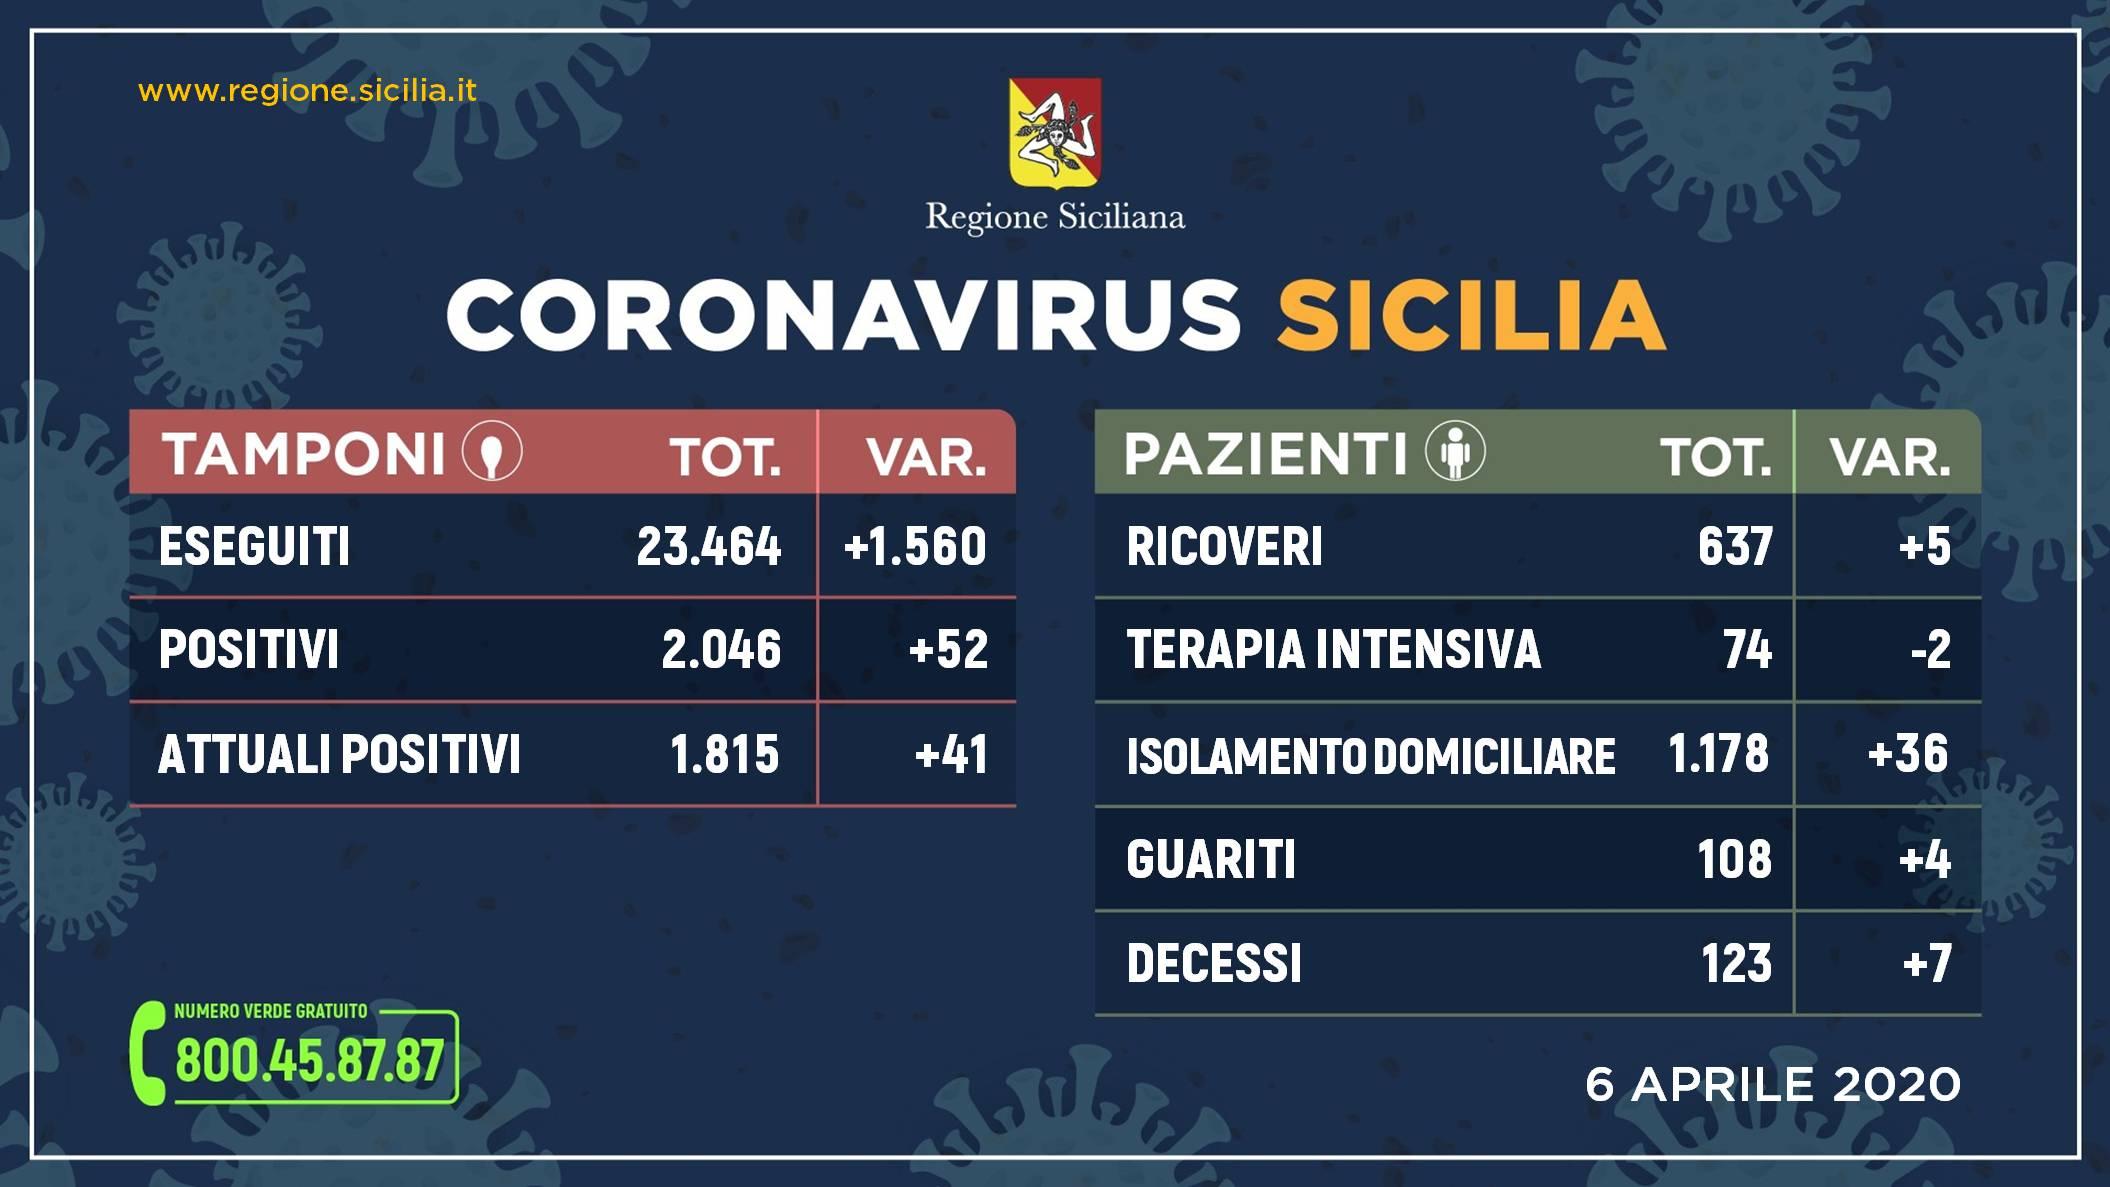 Coronavirus Sicilia: dati contagiati, guariti e morti di oggi 6 aprile